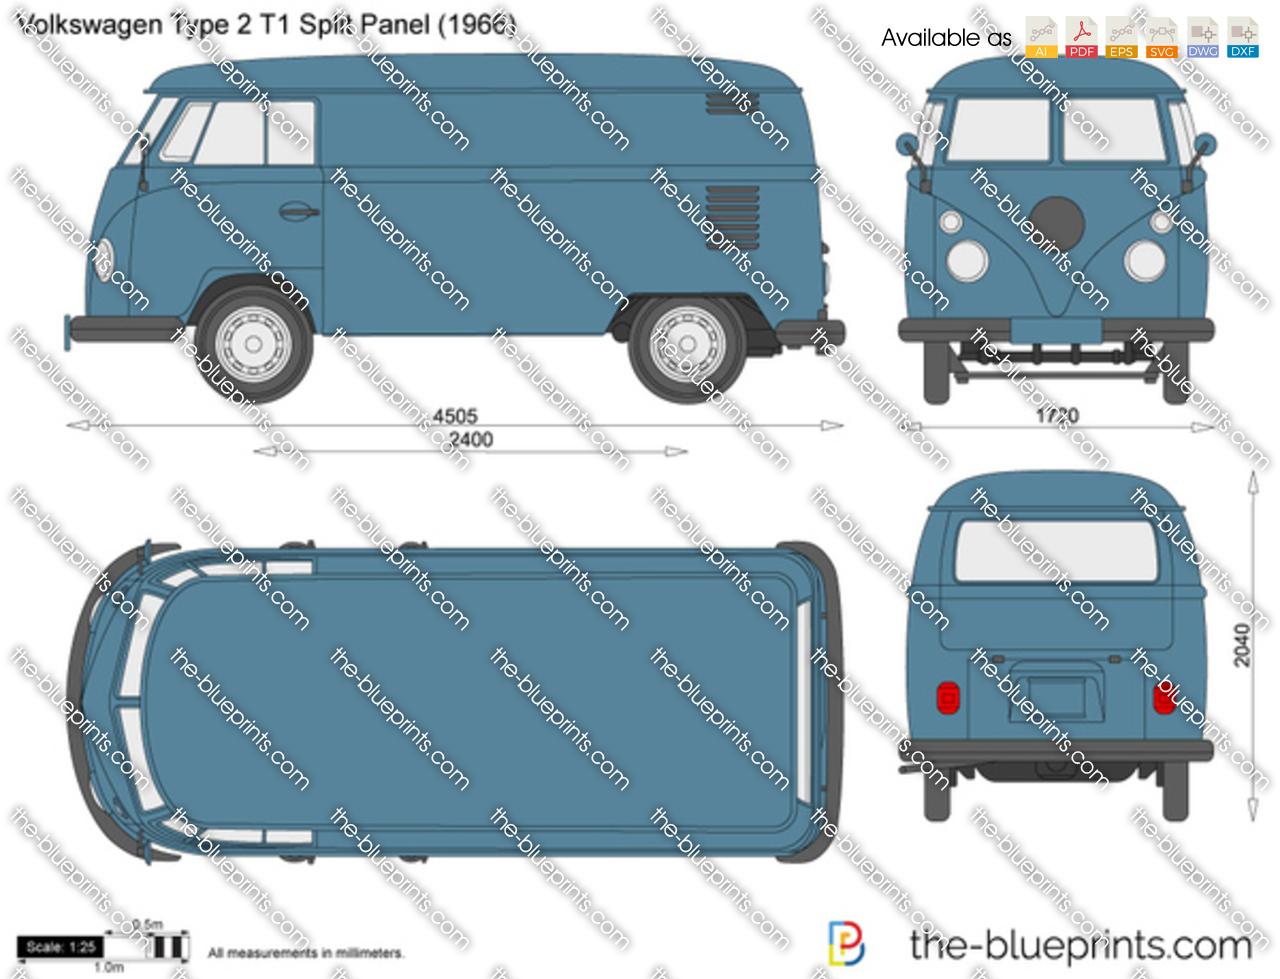 Volkswagen Type 2 T1 Split Panel 1964